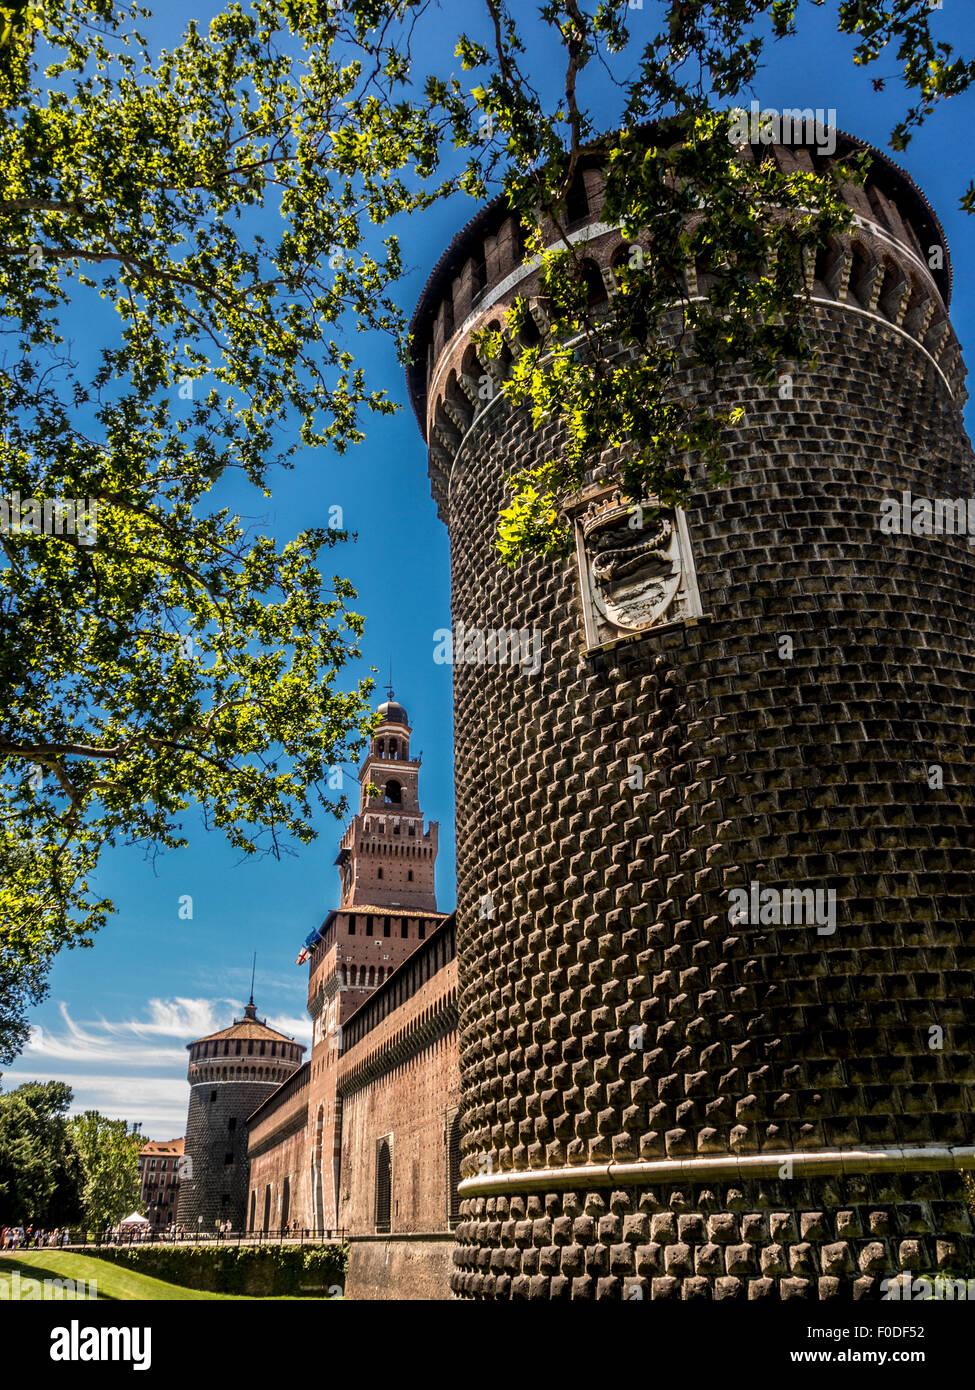 The Round Tower, Castello Sforzesco, Milan, Italy - Stock Image